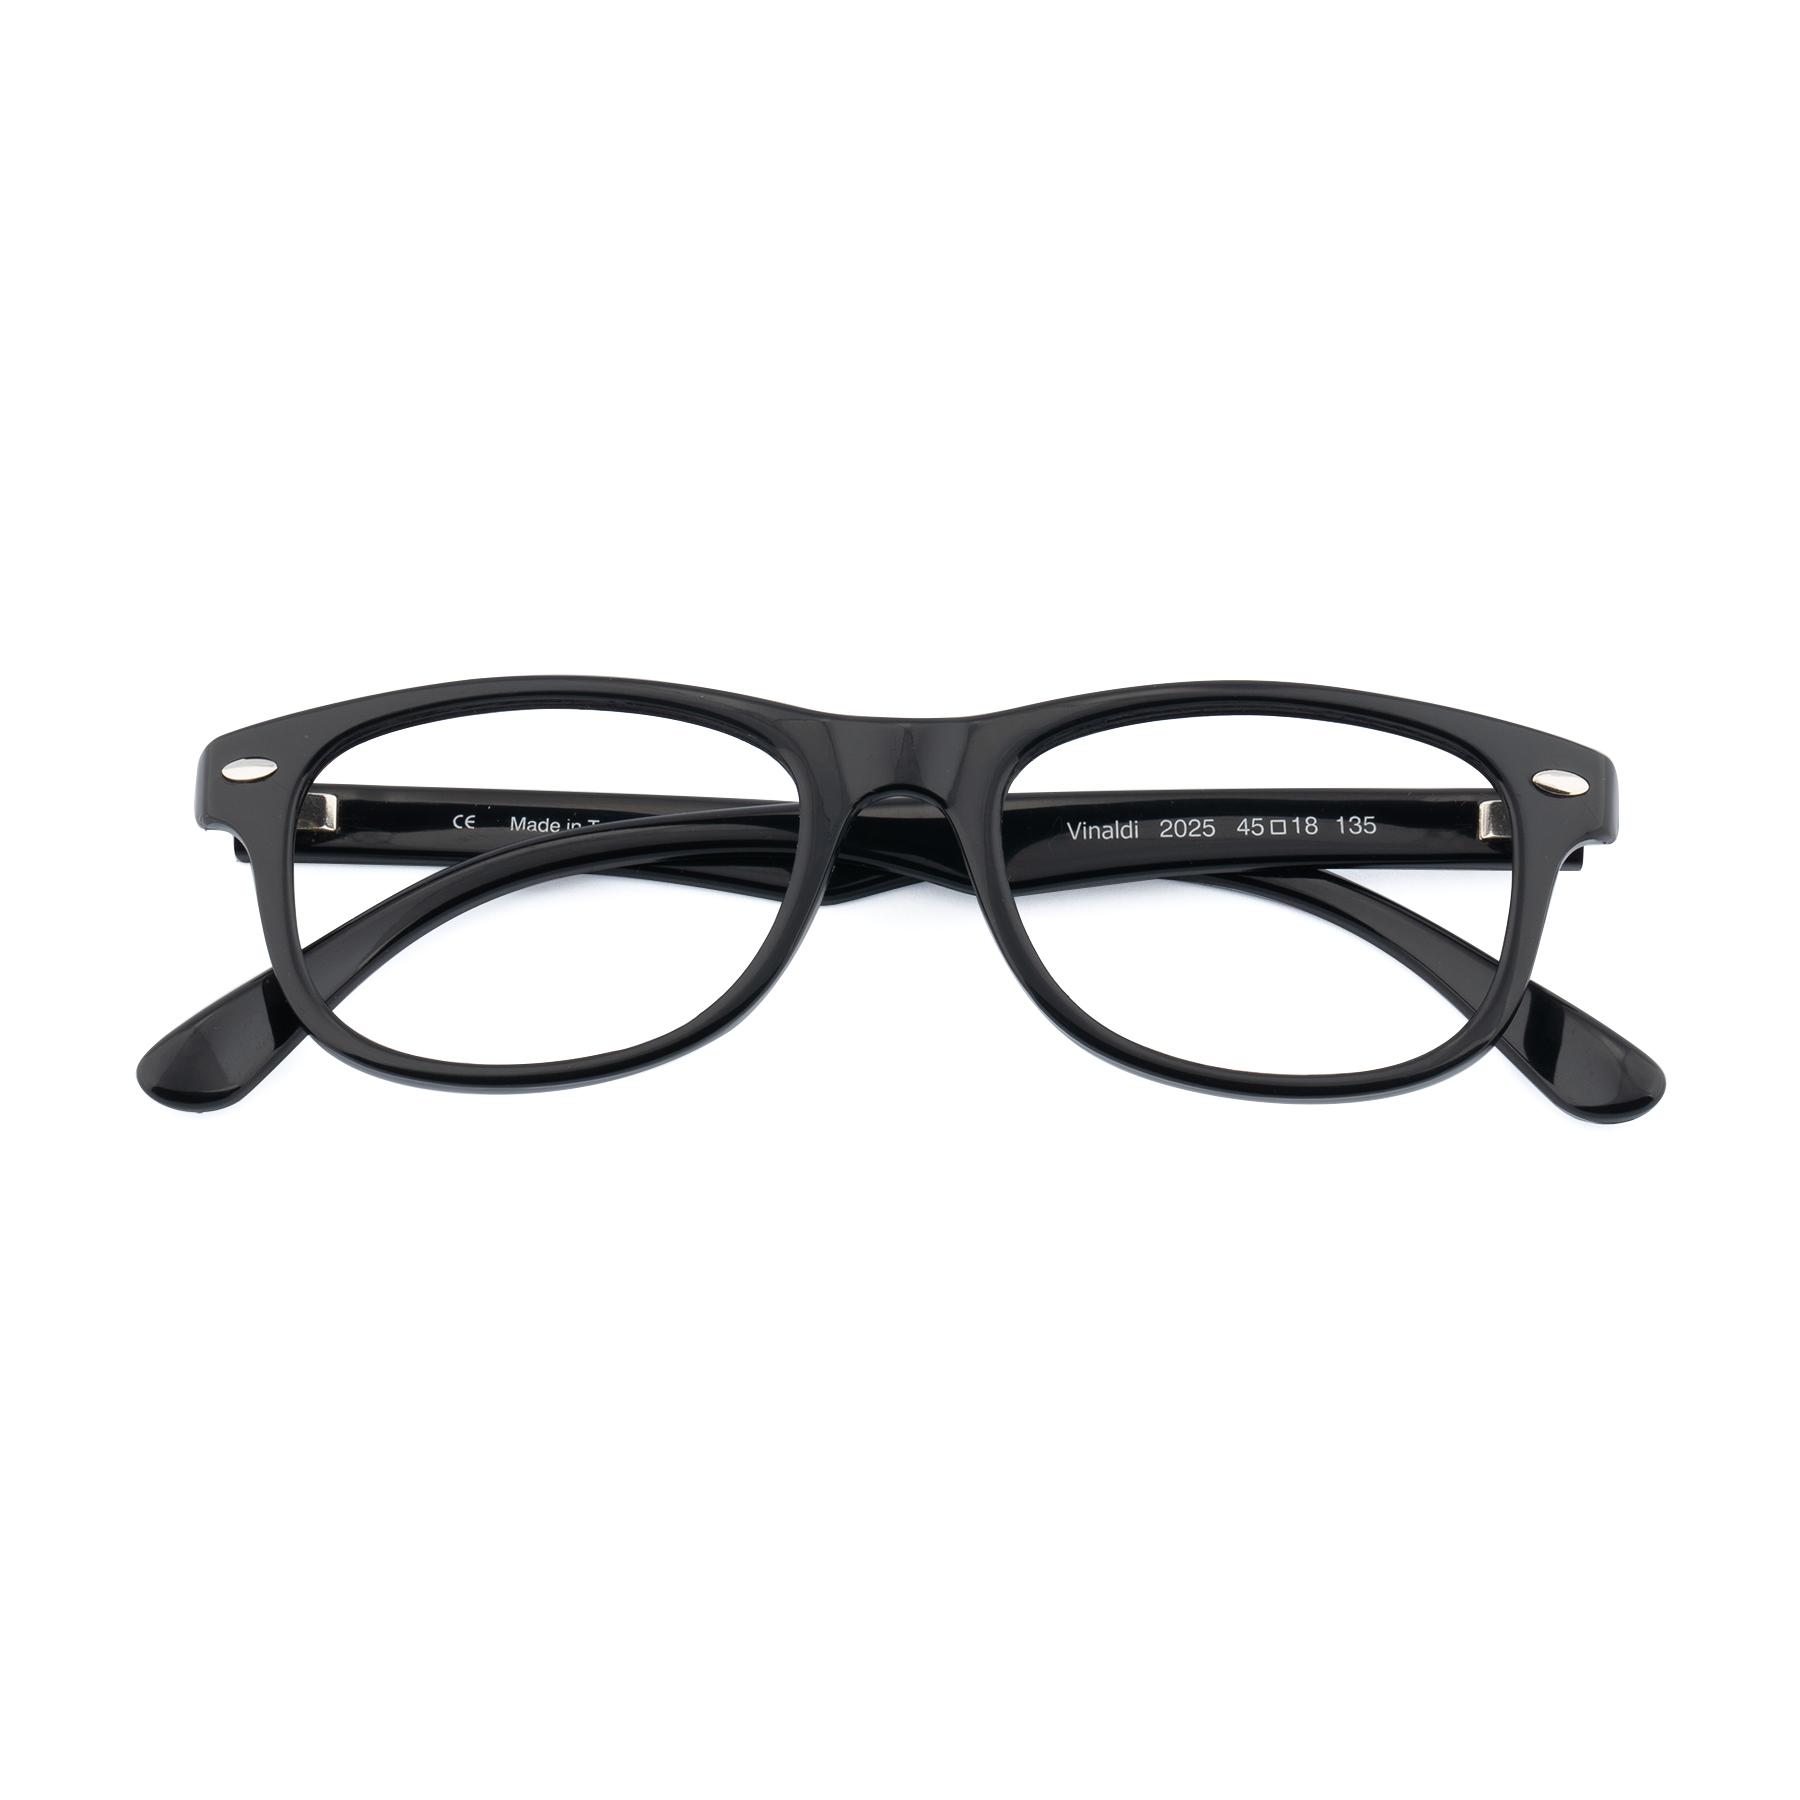 Vinaldi 2025 Gözlük Çerçevesi